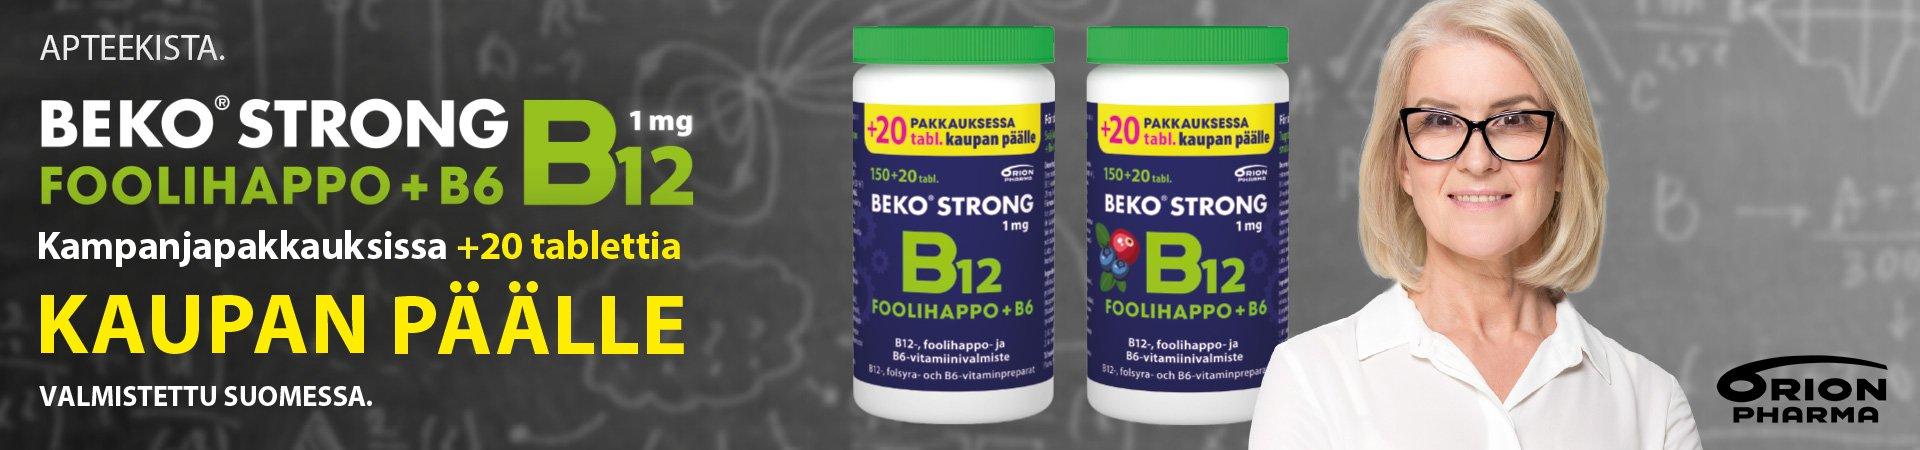 beko Strong kampanjakoko 20 tablettia kaupan päälle